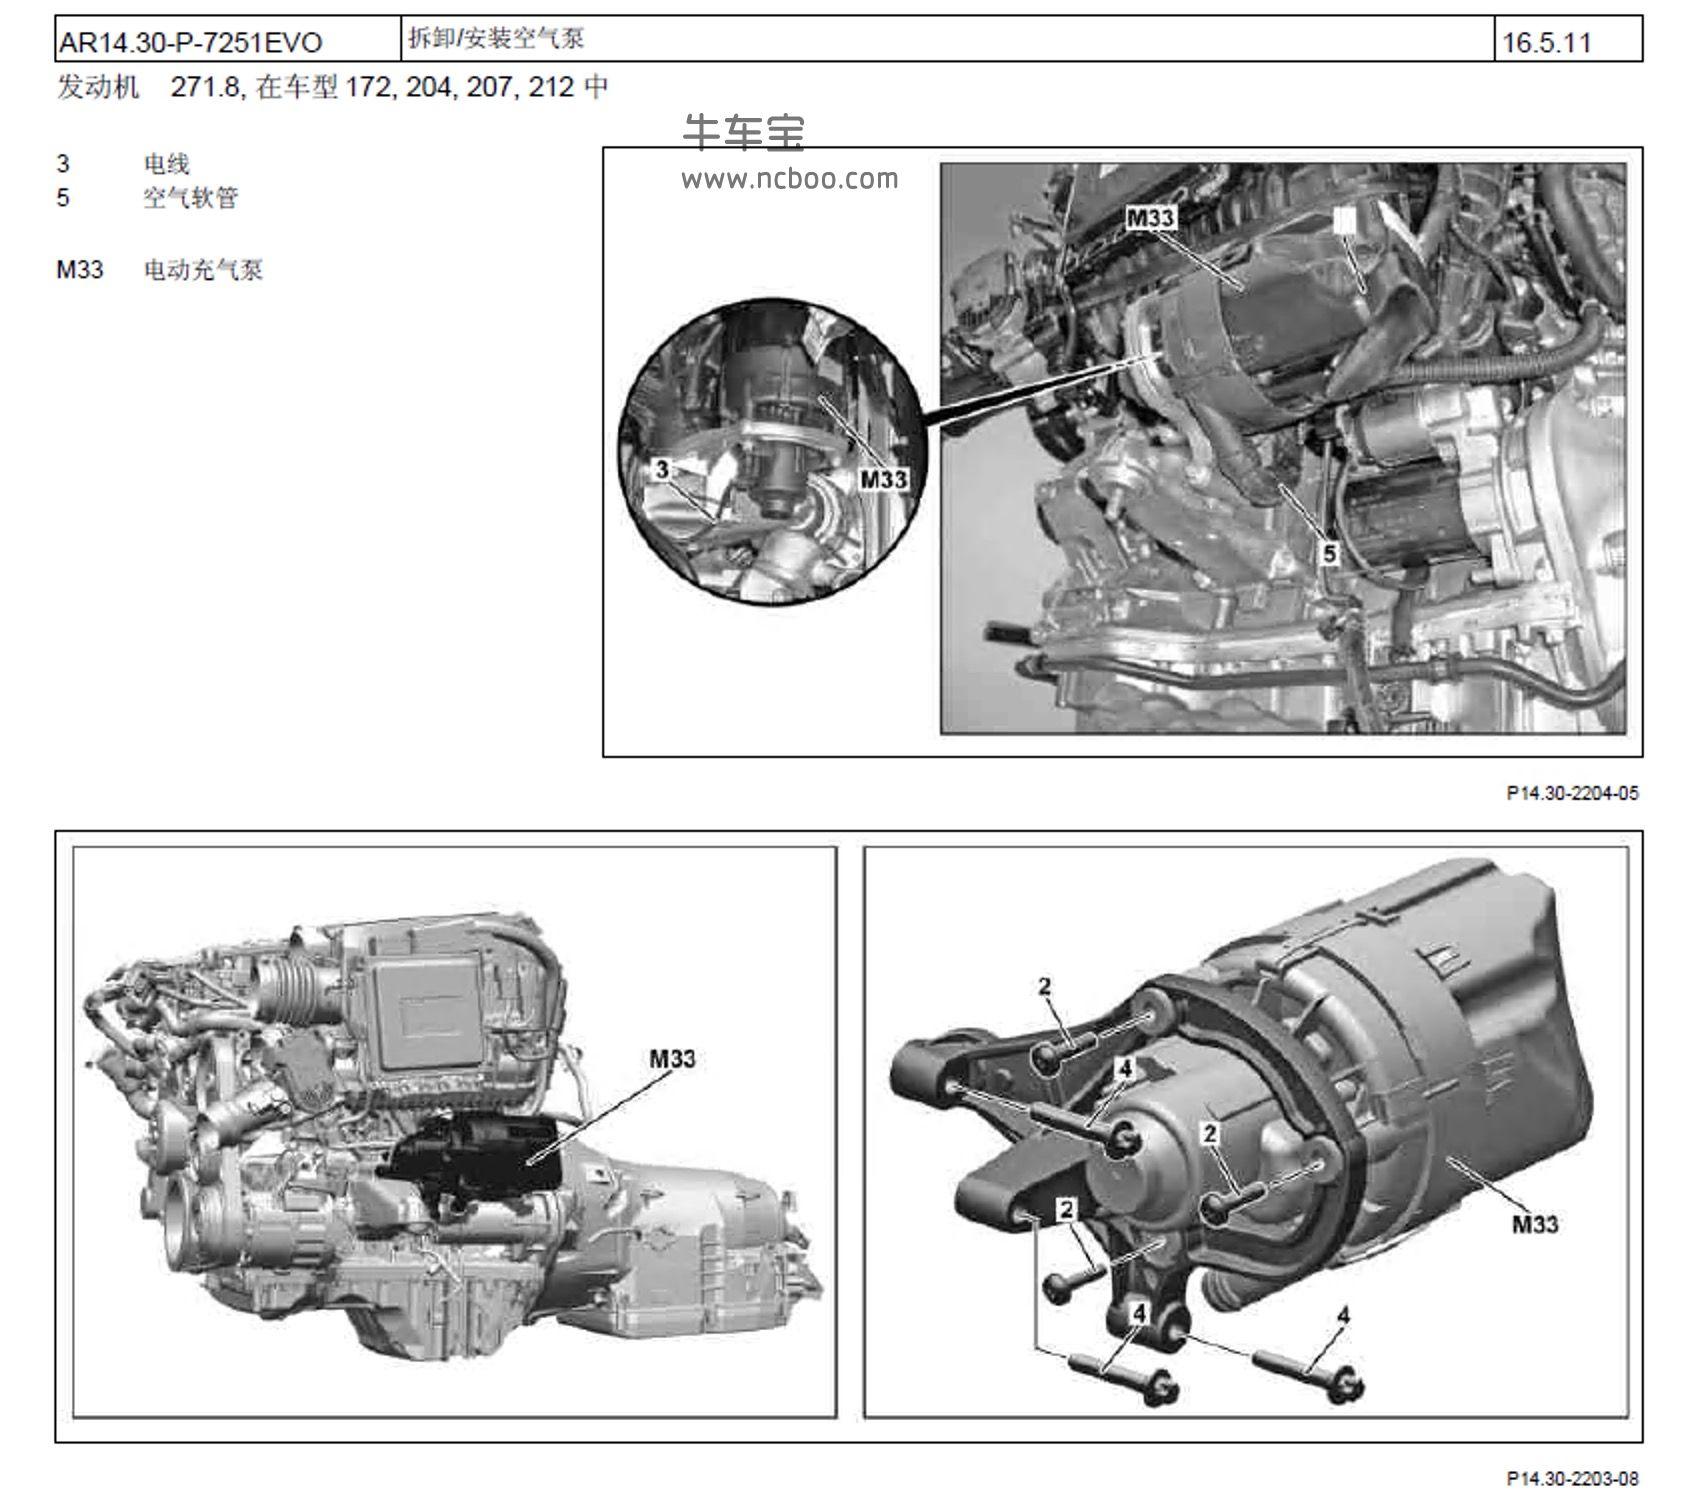 2010-2011款奔驰C200五速变速箱原厂维修手册和电路图